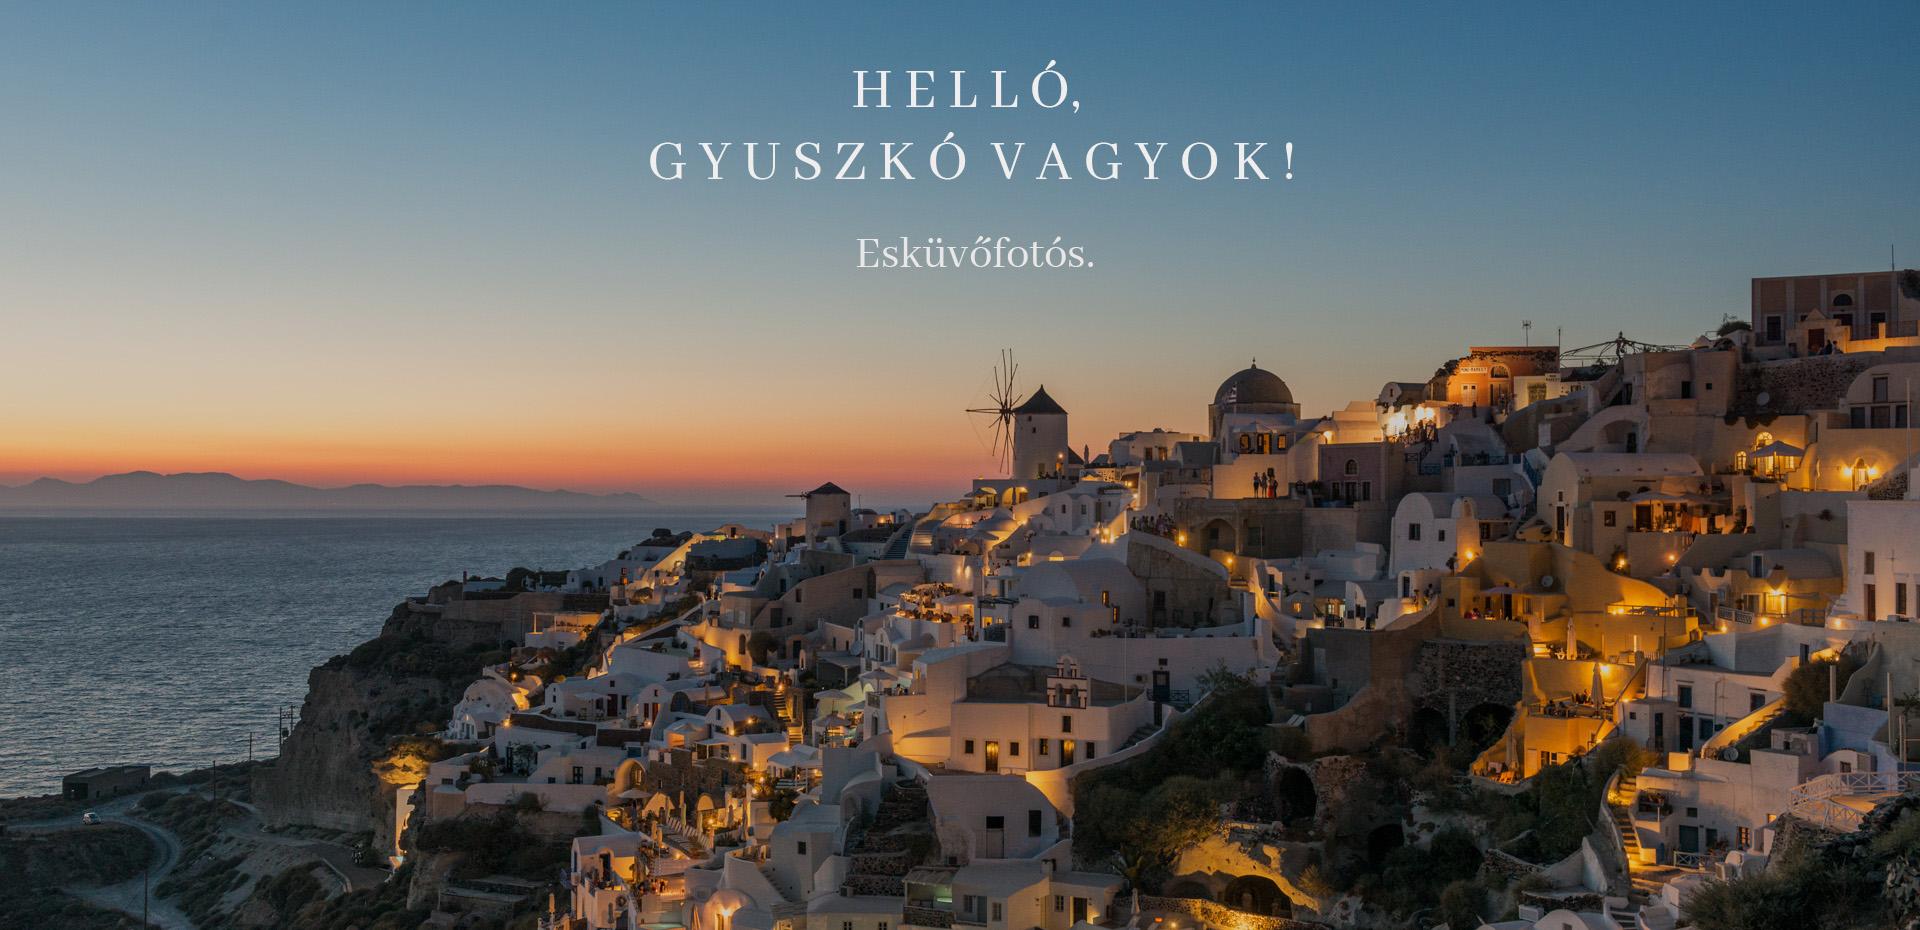 Köszöntő szöveg,oia naplementekor santorinin,üdvözöllek